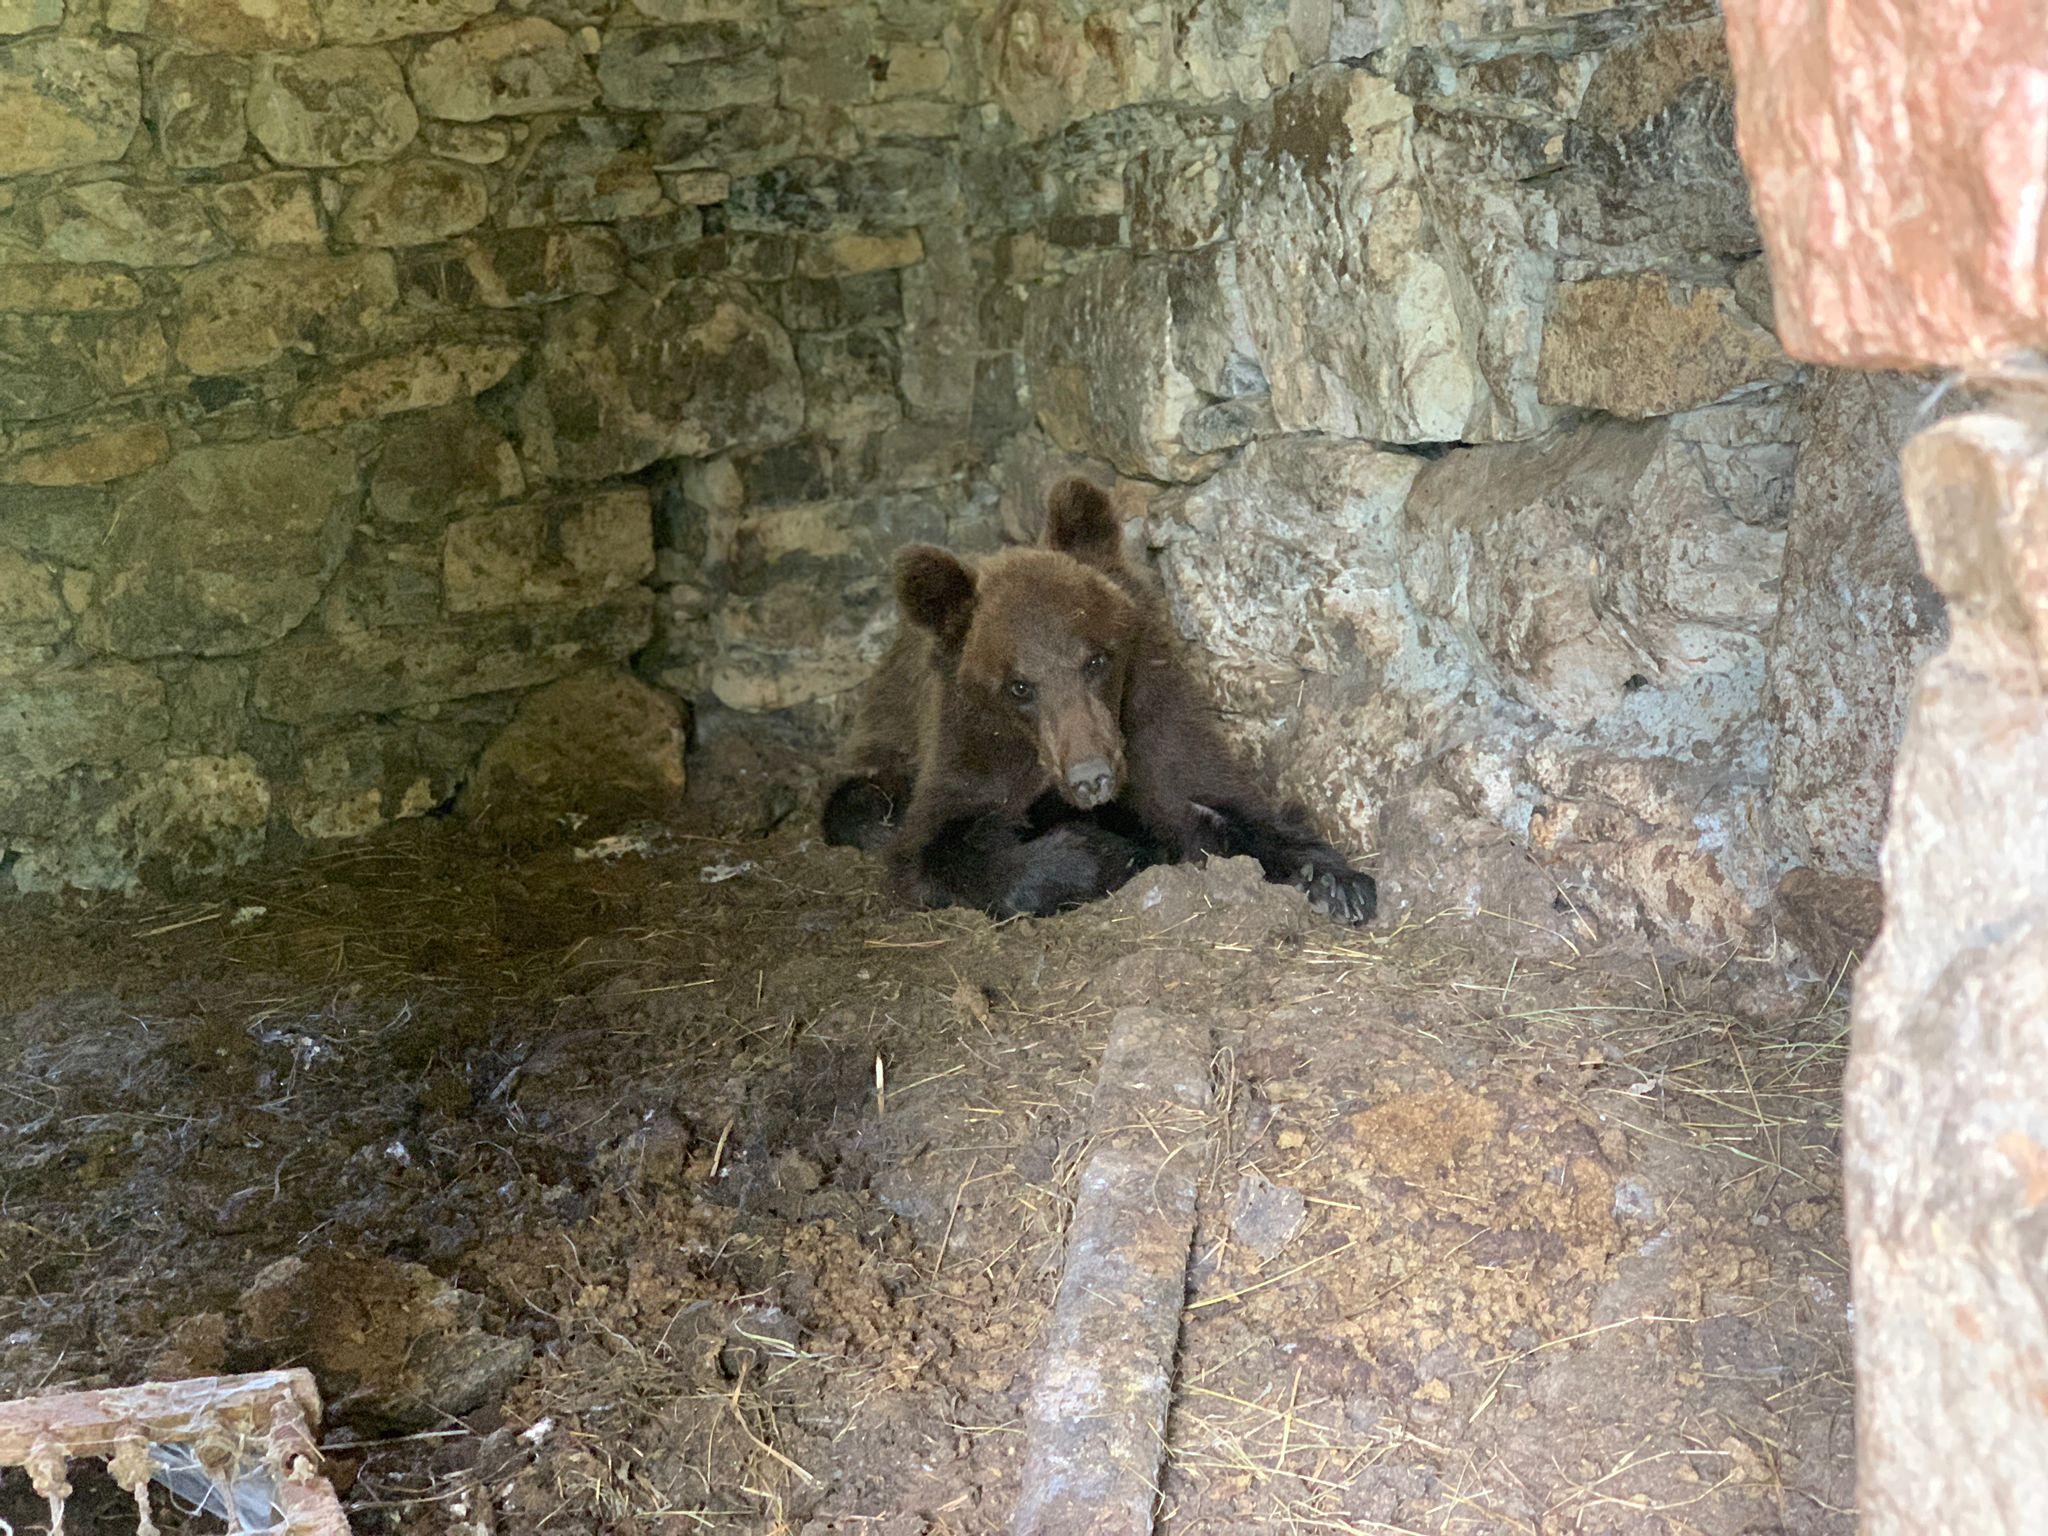 El Principado recoge un osezno de dos años en las inmediaciones de Cuetos, en Proaza